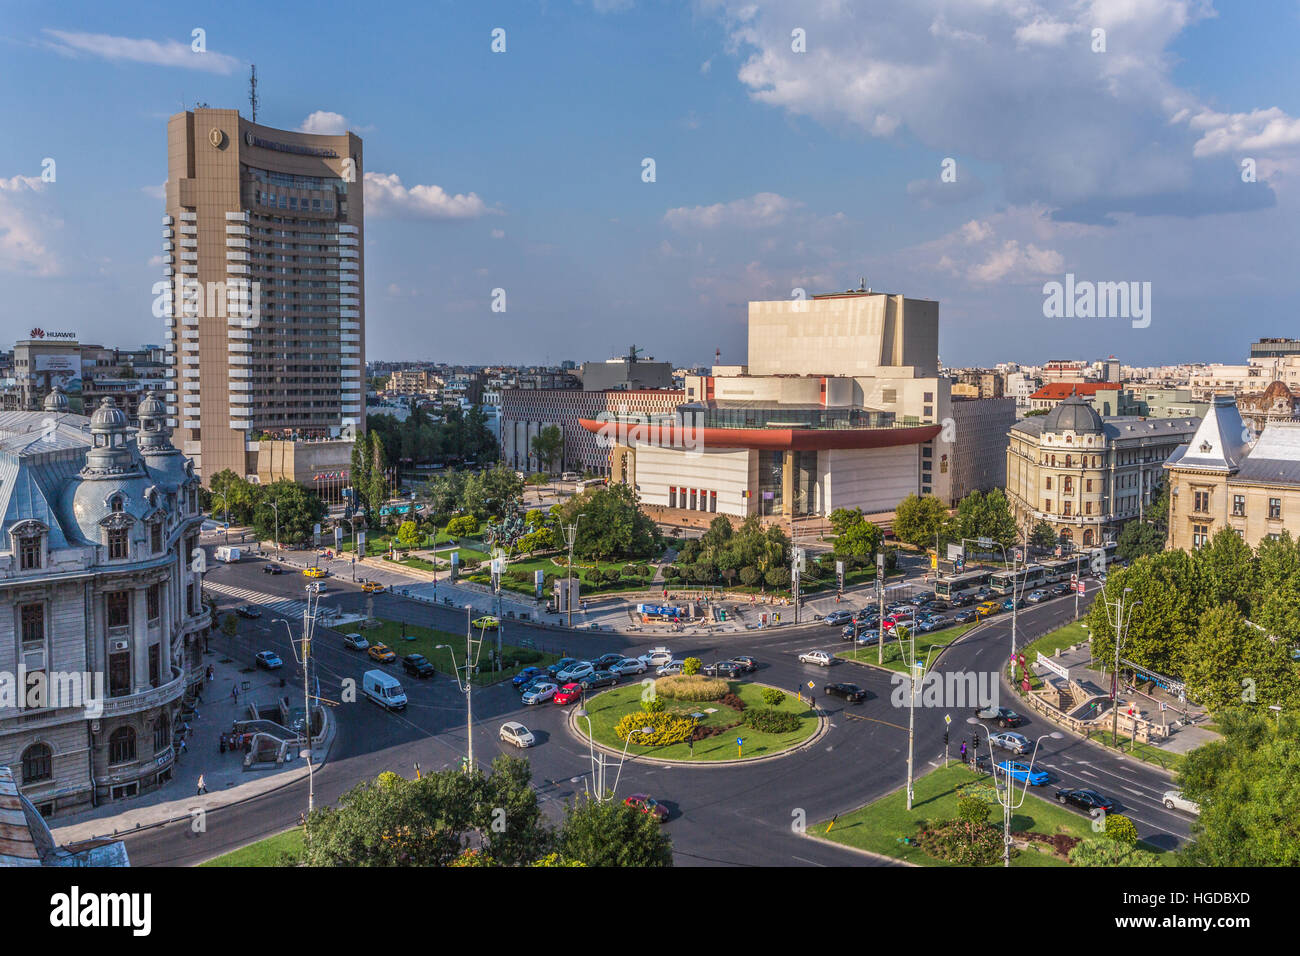 Roumanie, Bucarest ville, place de l'université, le Théâtre National et l'Hôtel Intercontinental Photo Stock